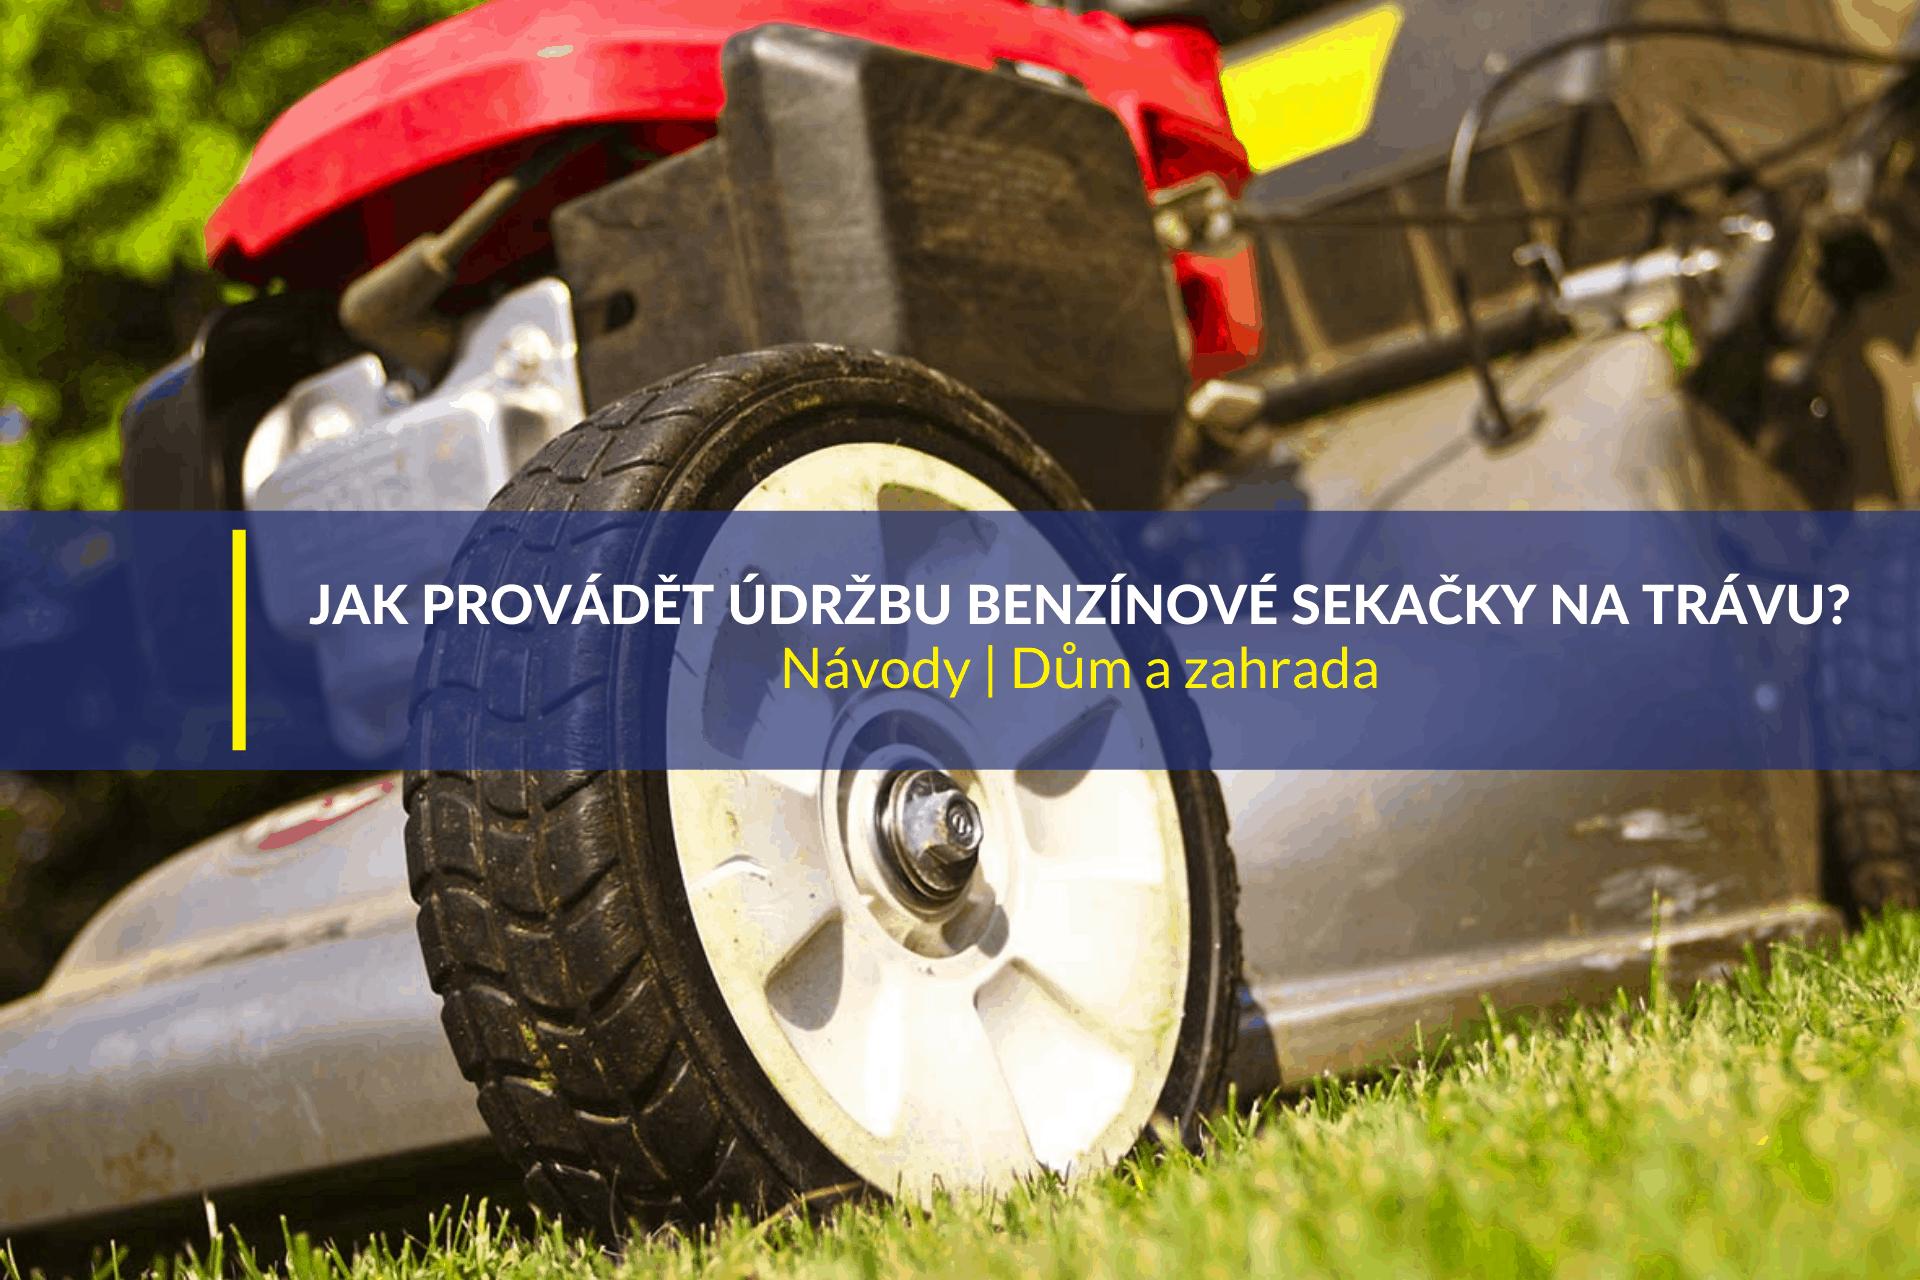 WD-40 - Jak provádět údržbu benzínové sekačky na trávu